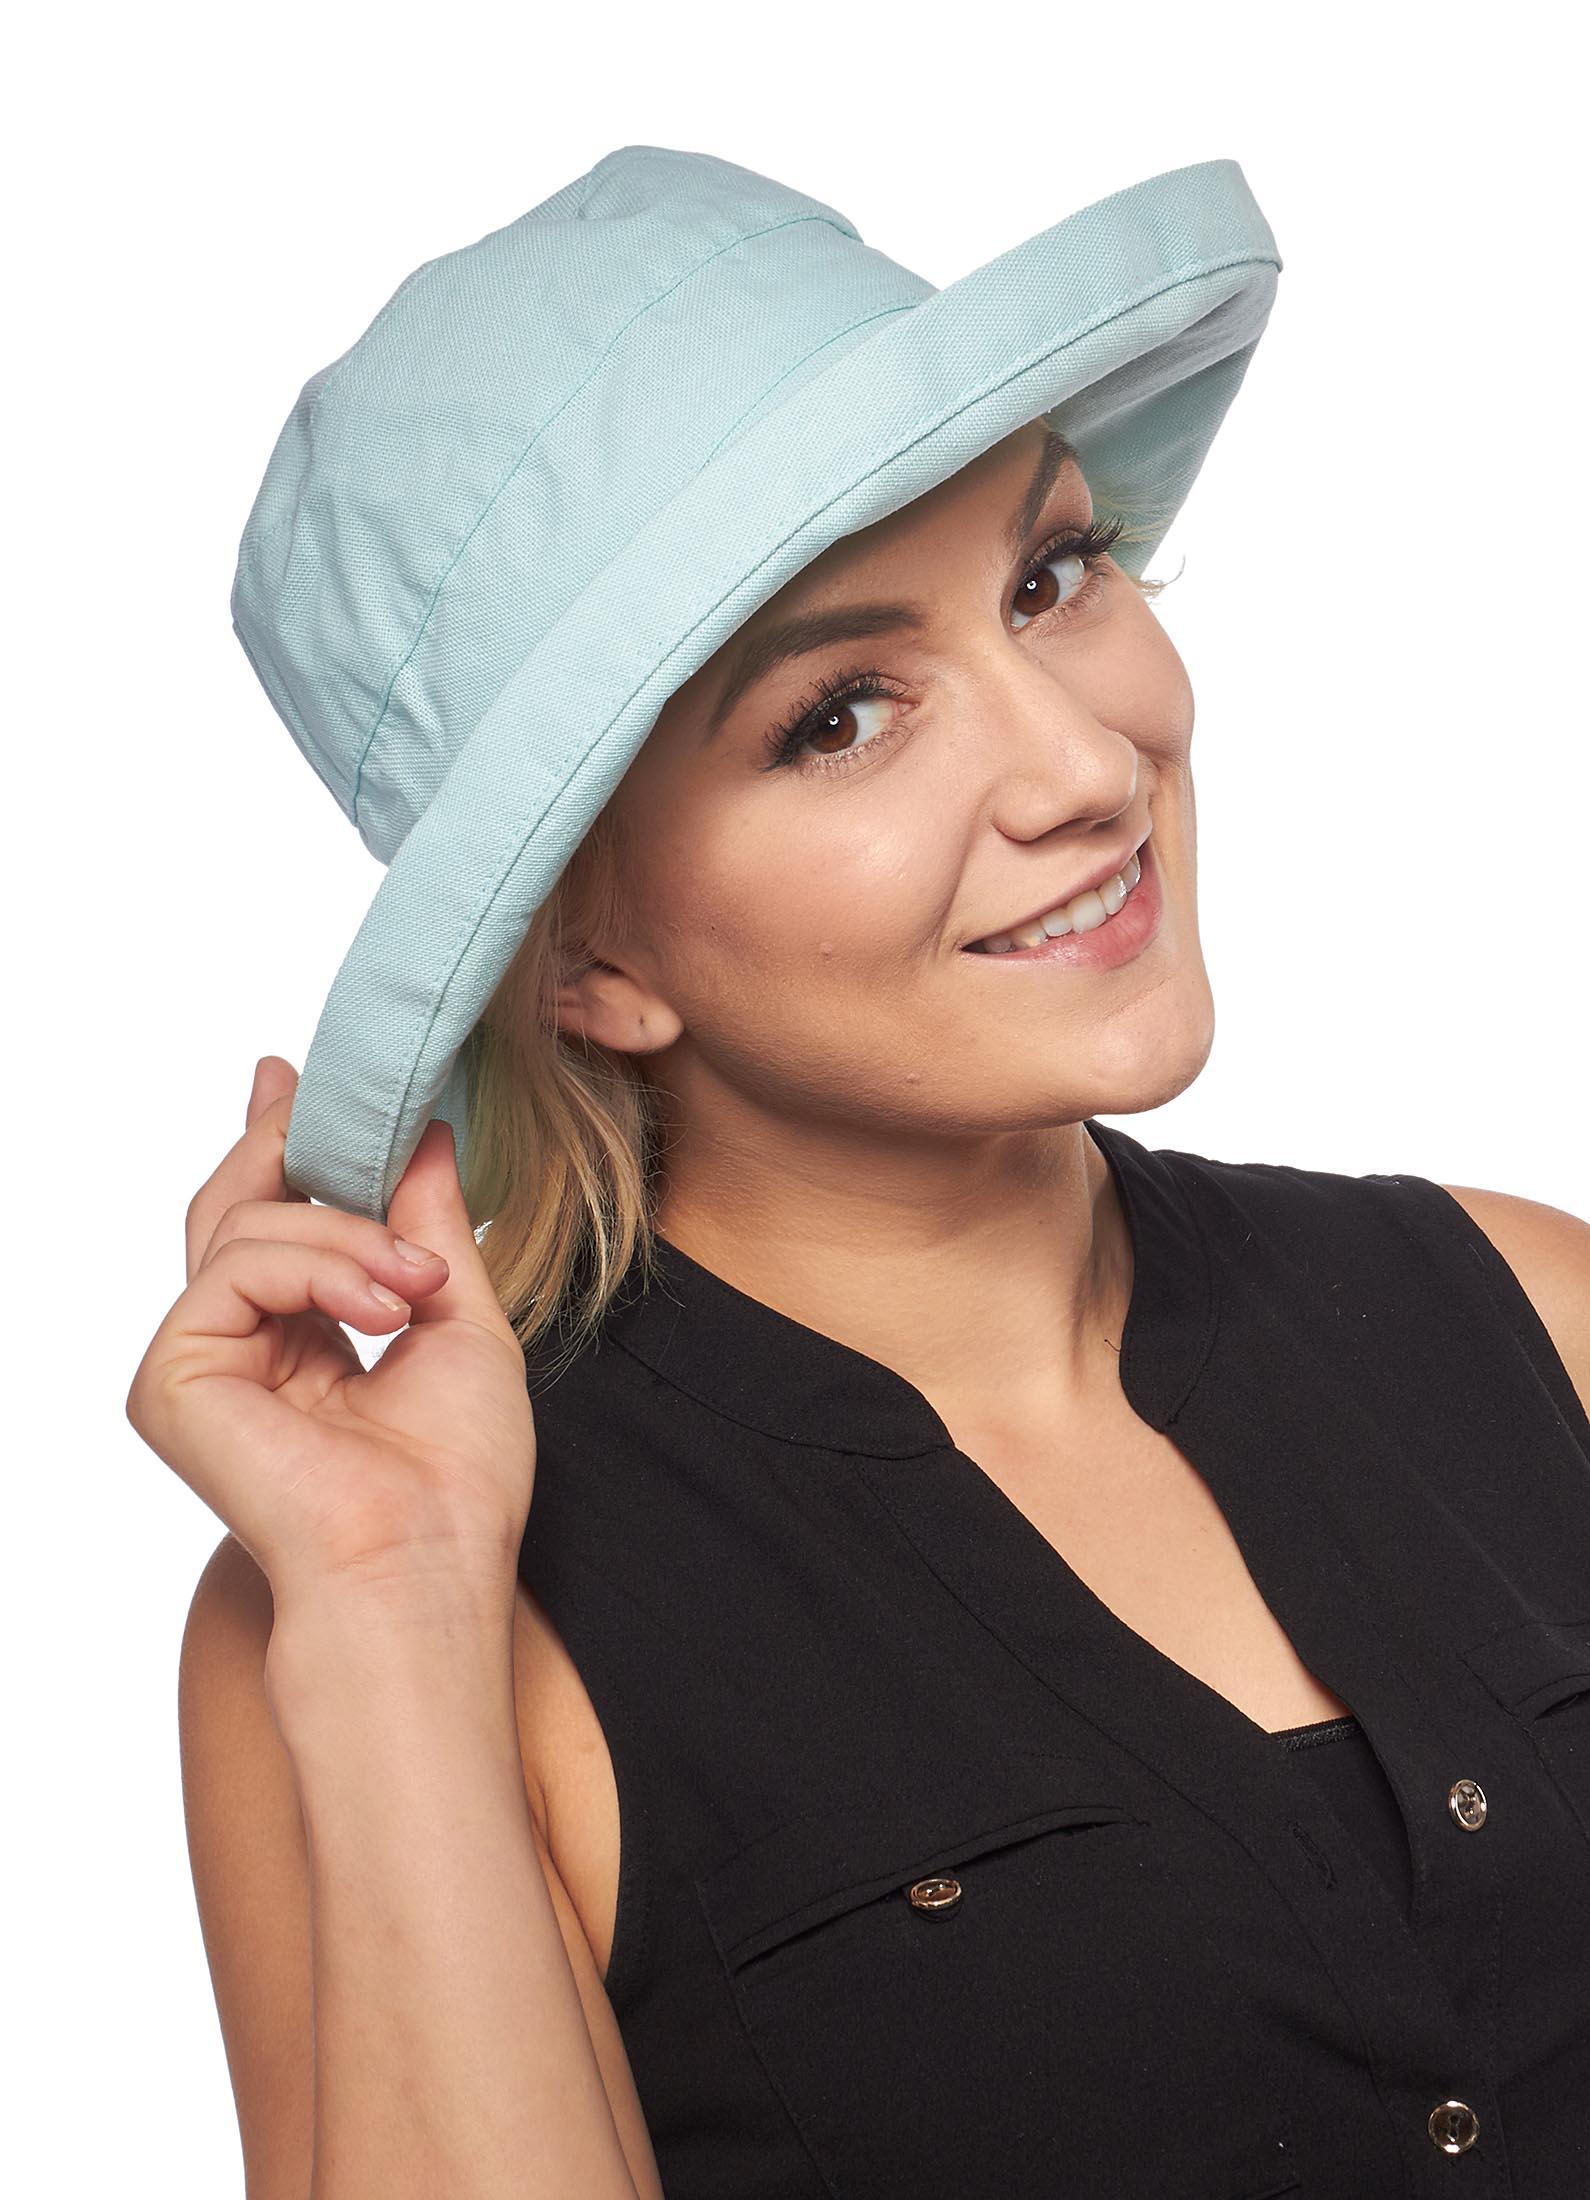 Cozumel Medium Brim Scala Cotton Sun Hat for Ladies faa9bf3d93c